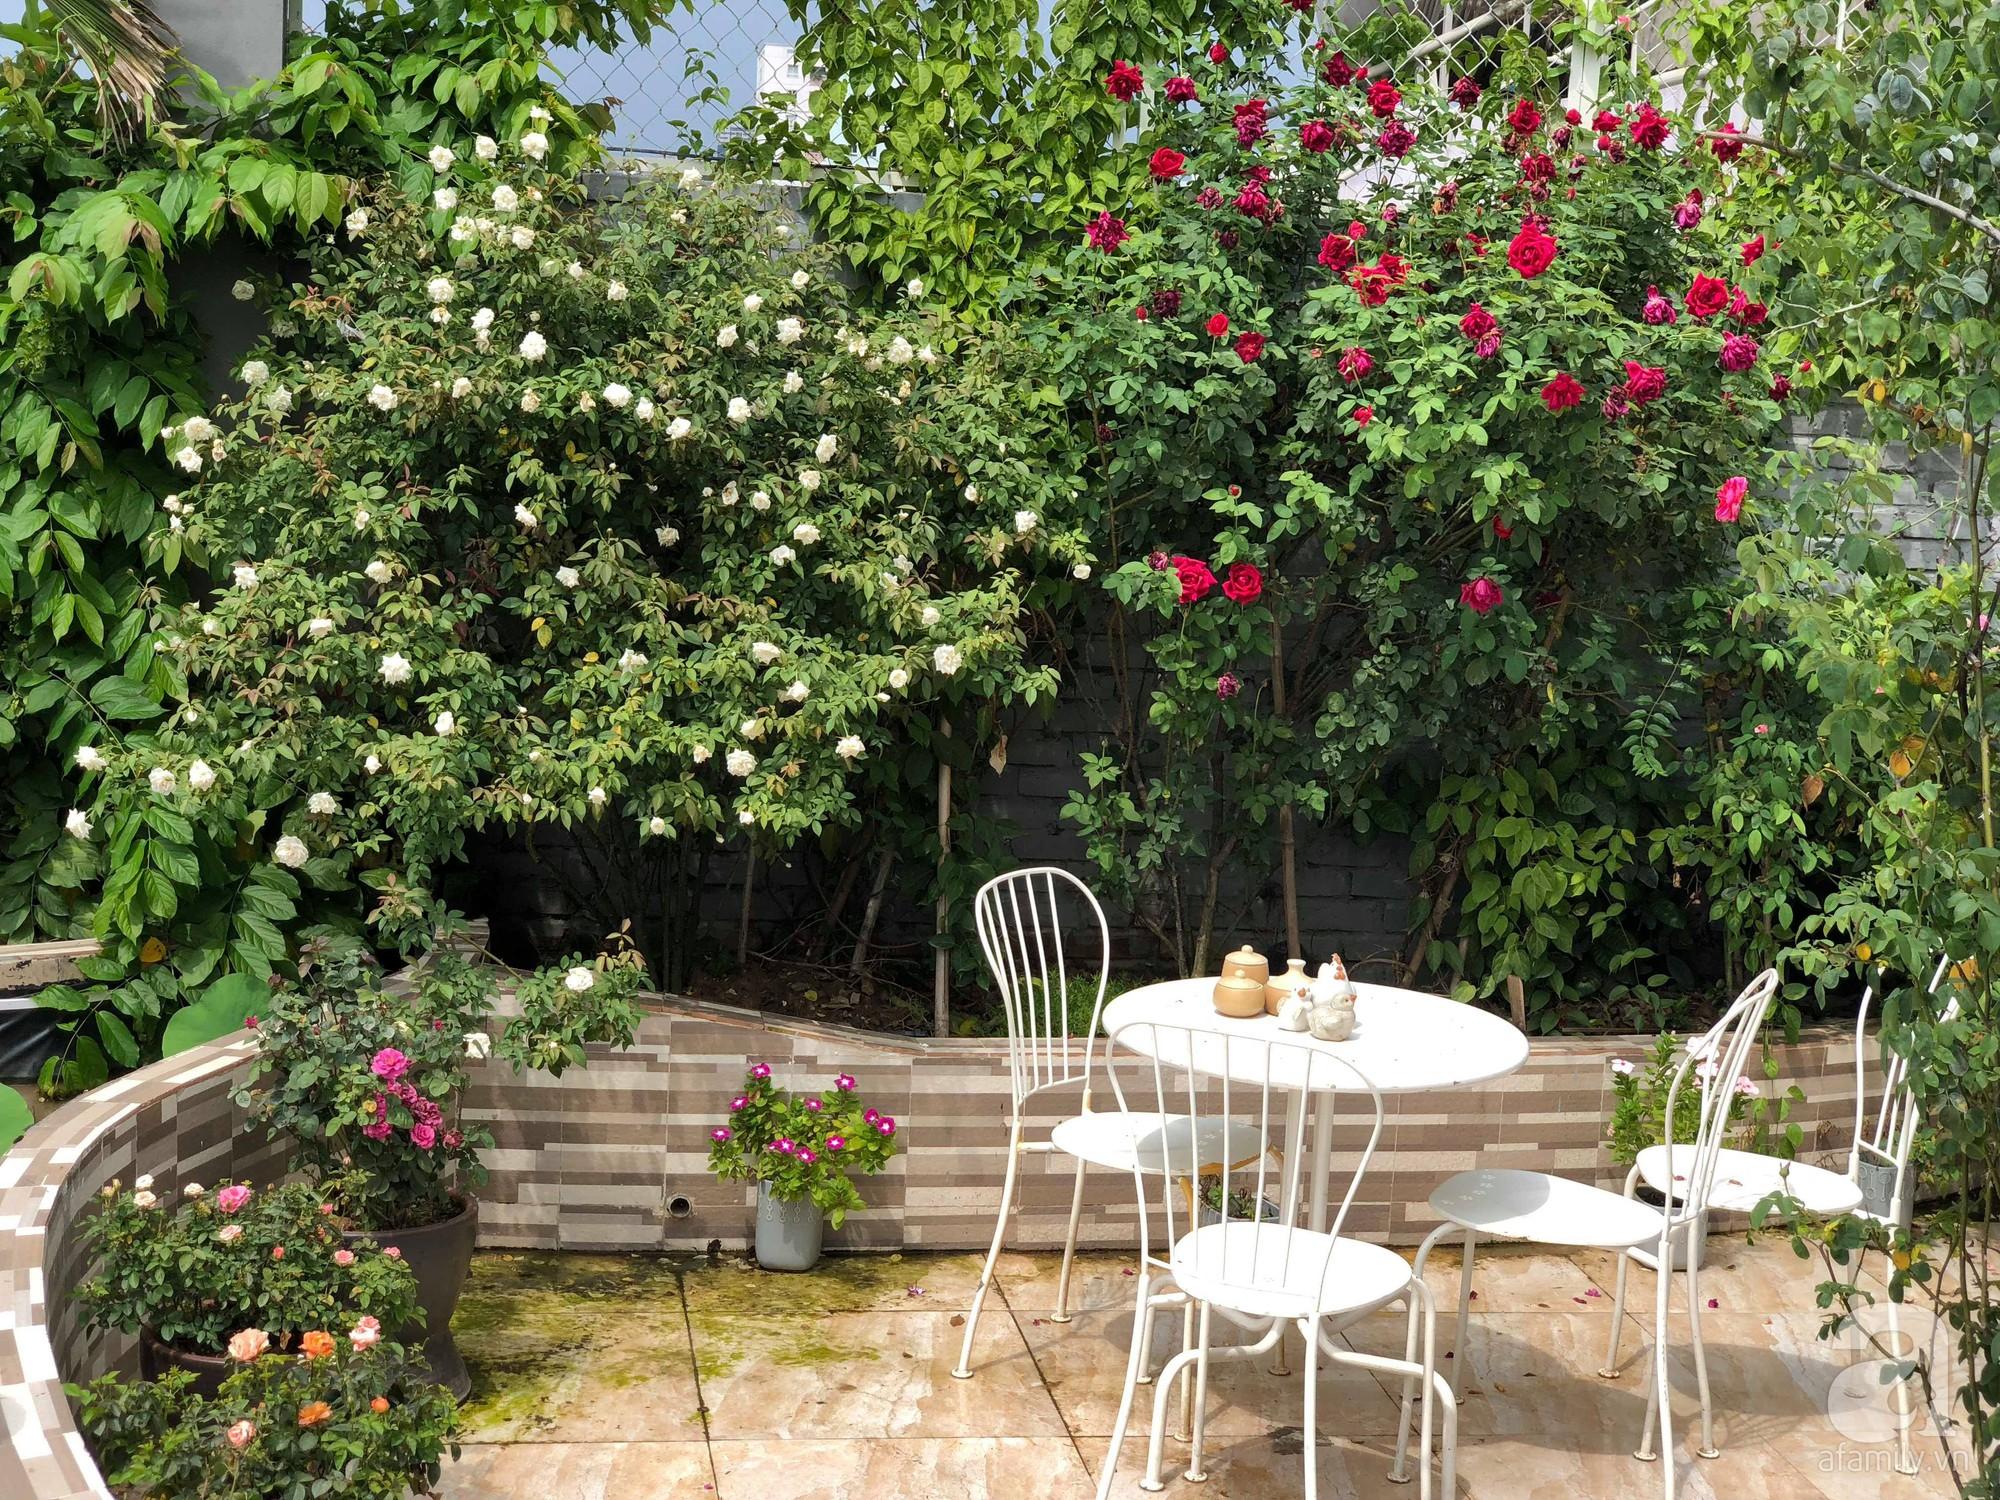 Khu vườn trên sân thượng rộng 200m² đẹp ngỡ ngàng với trăm loài hoa đua nhau khoe sắc ở Hà Nội - Ảnh 1.